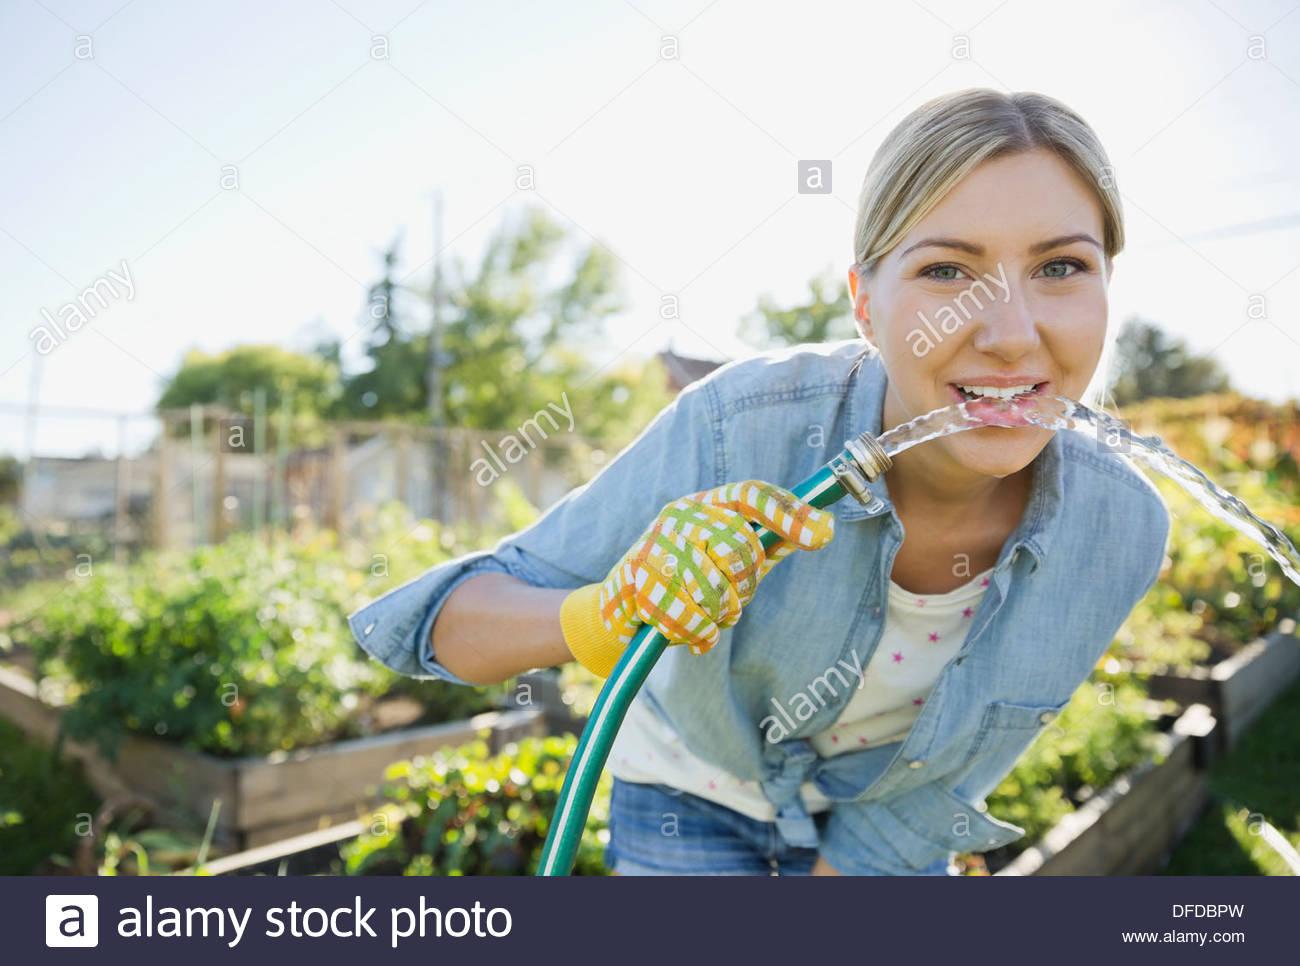 Frau um über zu trinken Wasser aus Gartenschlauch biegen Stockbild